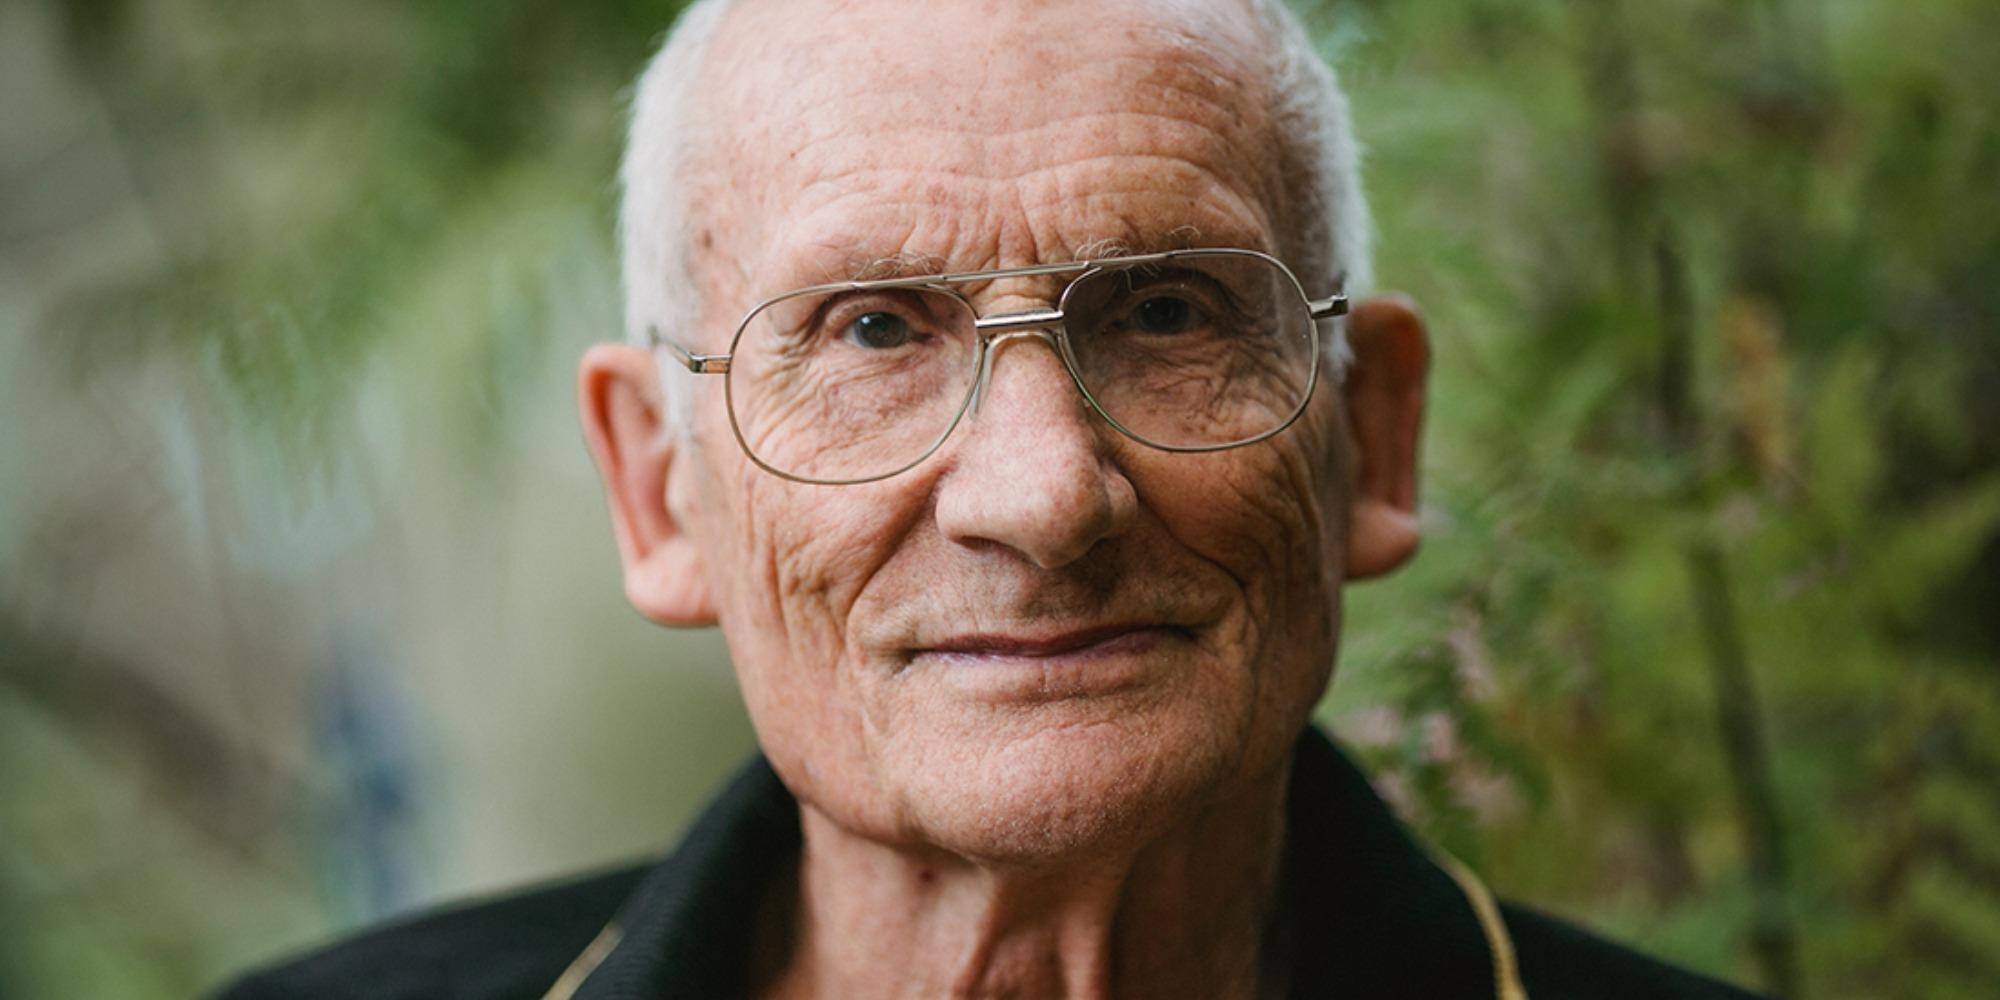 Professor John Pate